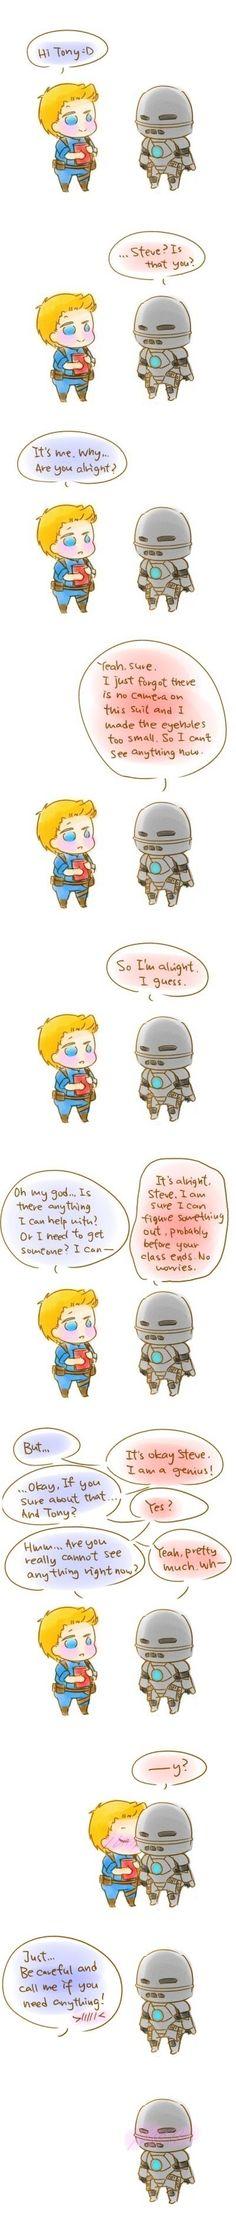 #Stony #SteveRogers #CaptainAmerica #TonyStark #IronMan #AvengersAcademy